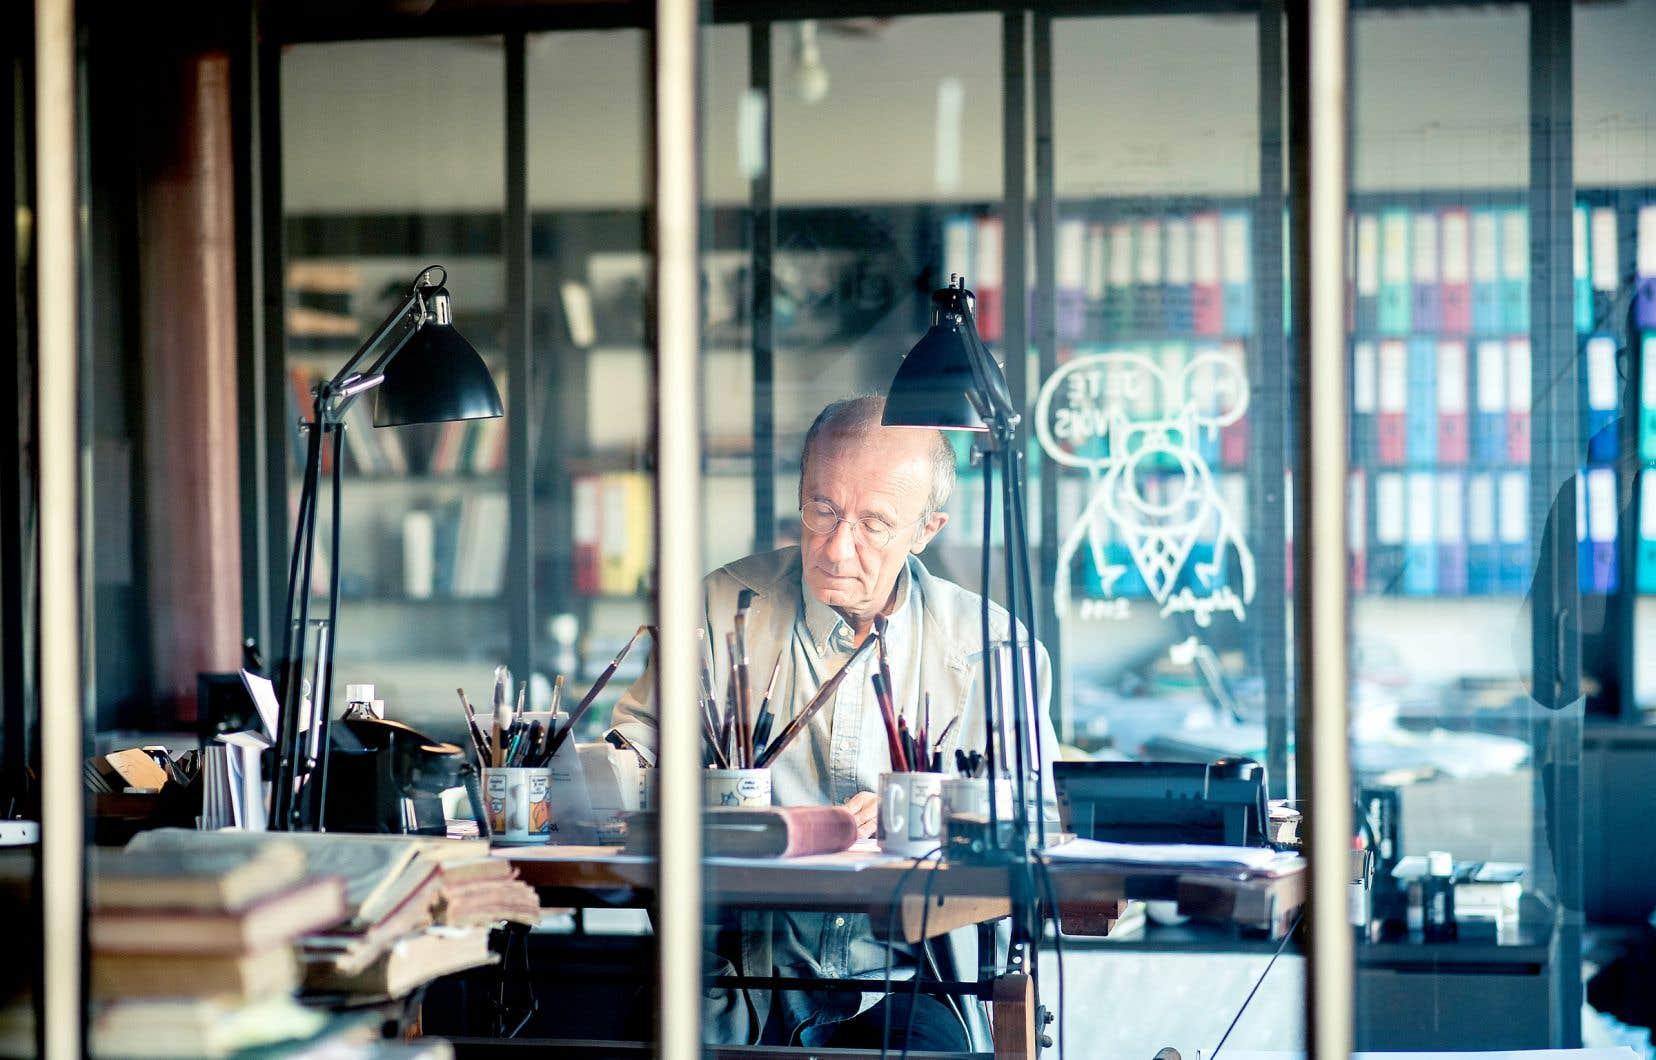 On a rencontré le bédéiste Philippe Geluck dans son atelier bruxellois par un après-midi de «drache» typiquement belge.